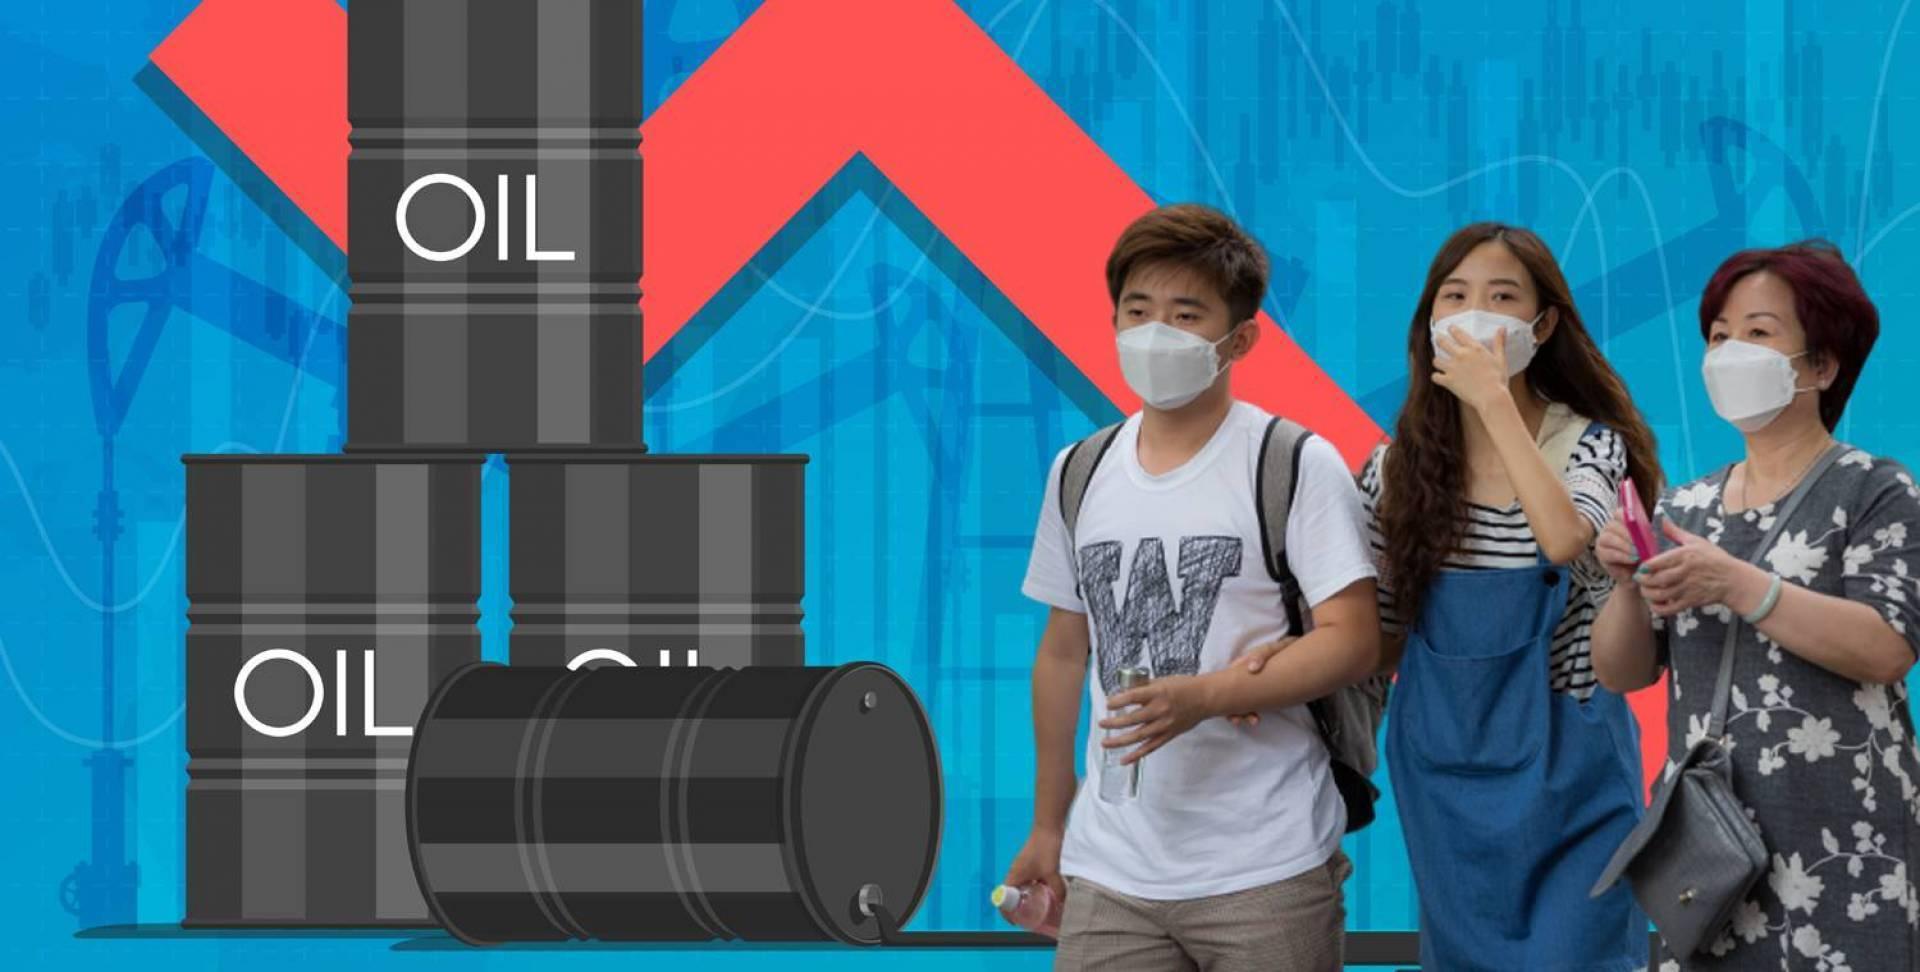 أرامكو: تأثير قصير الأجل لـ «كورونا» على طلب النفط